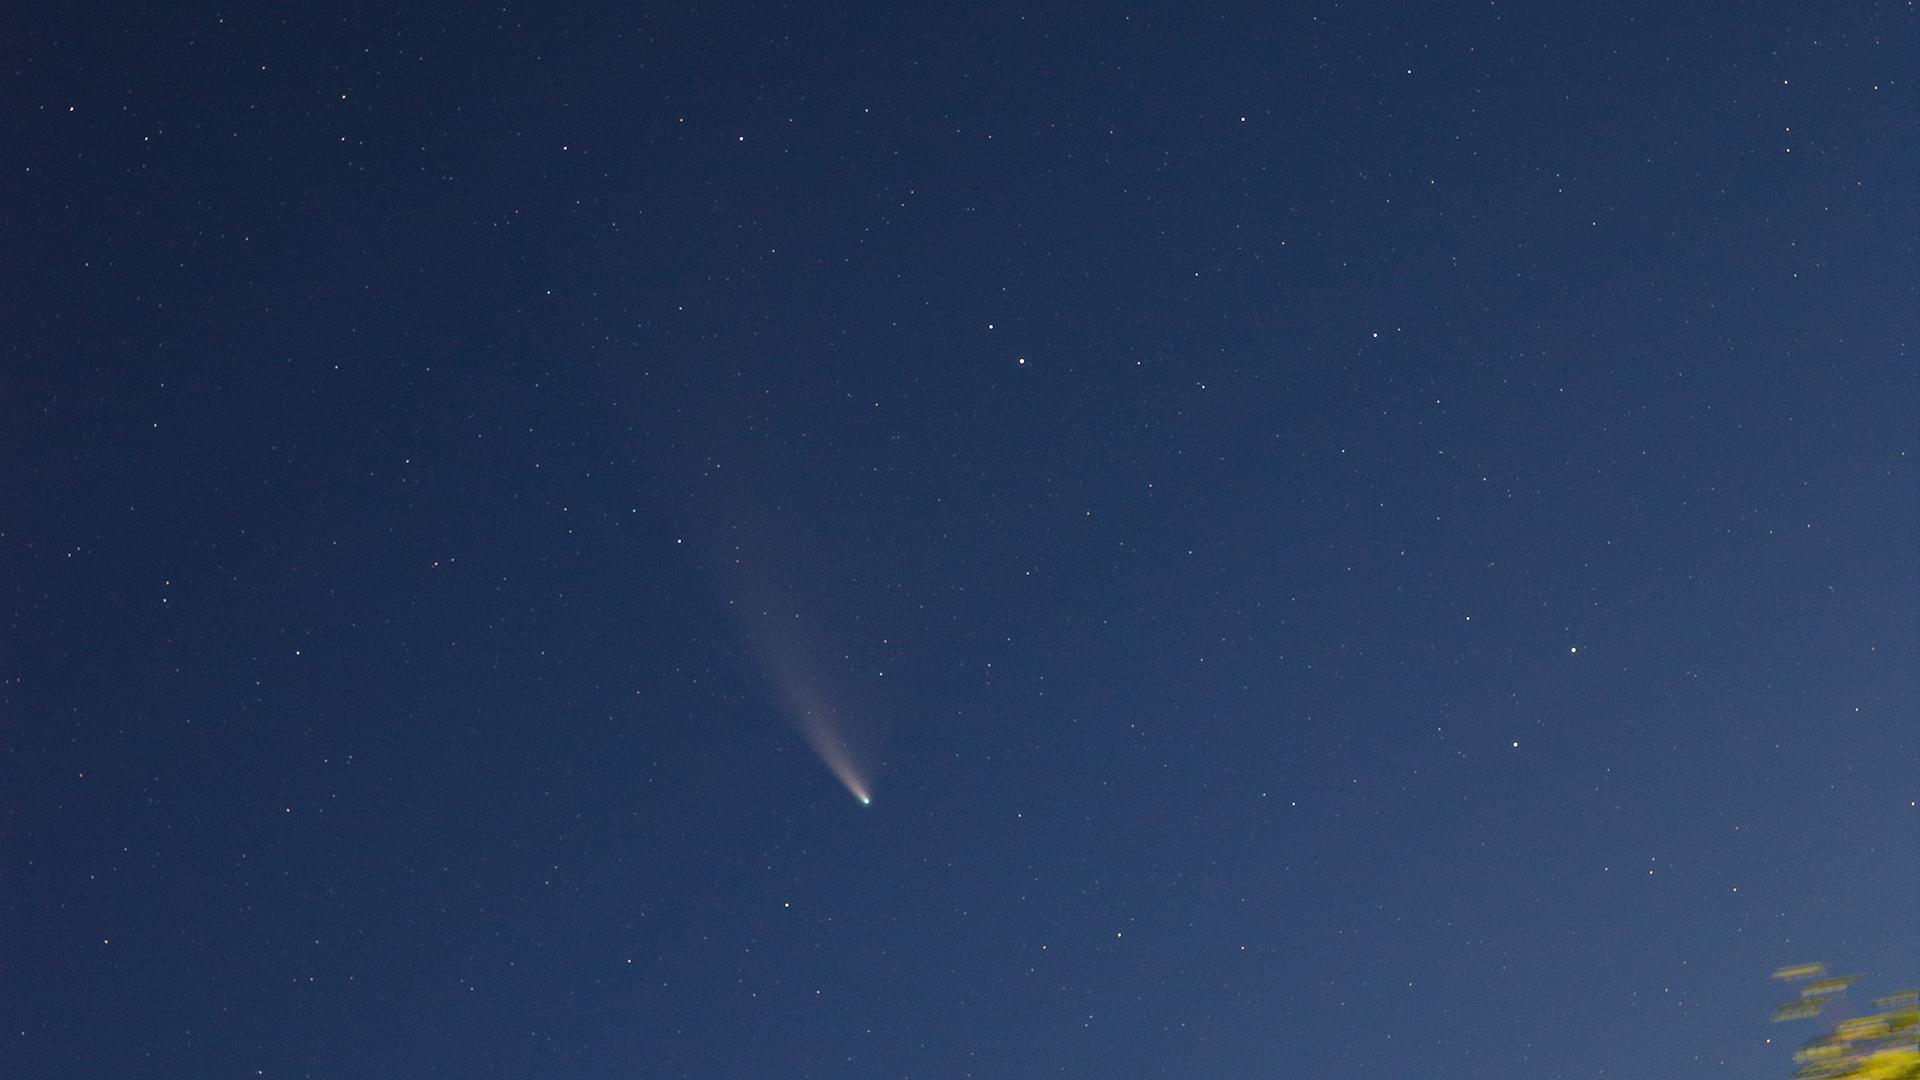 20200720-komet-neowise-C2020-F3-0021-0024.jpg